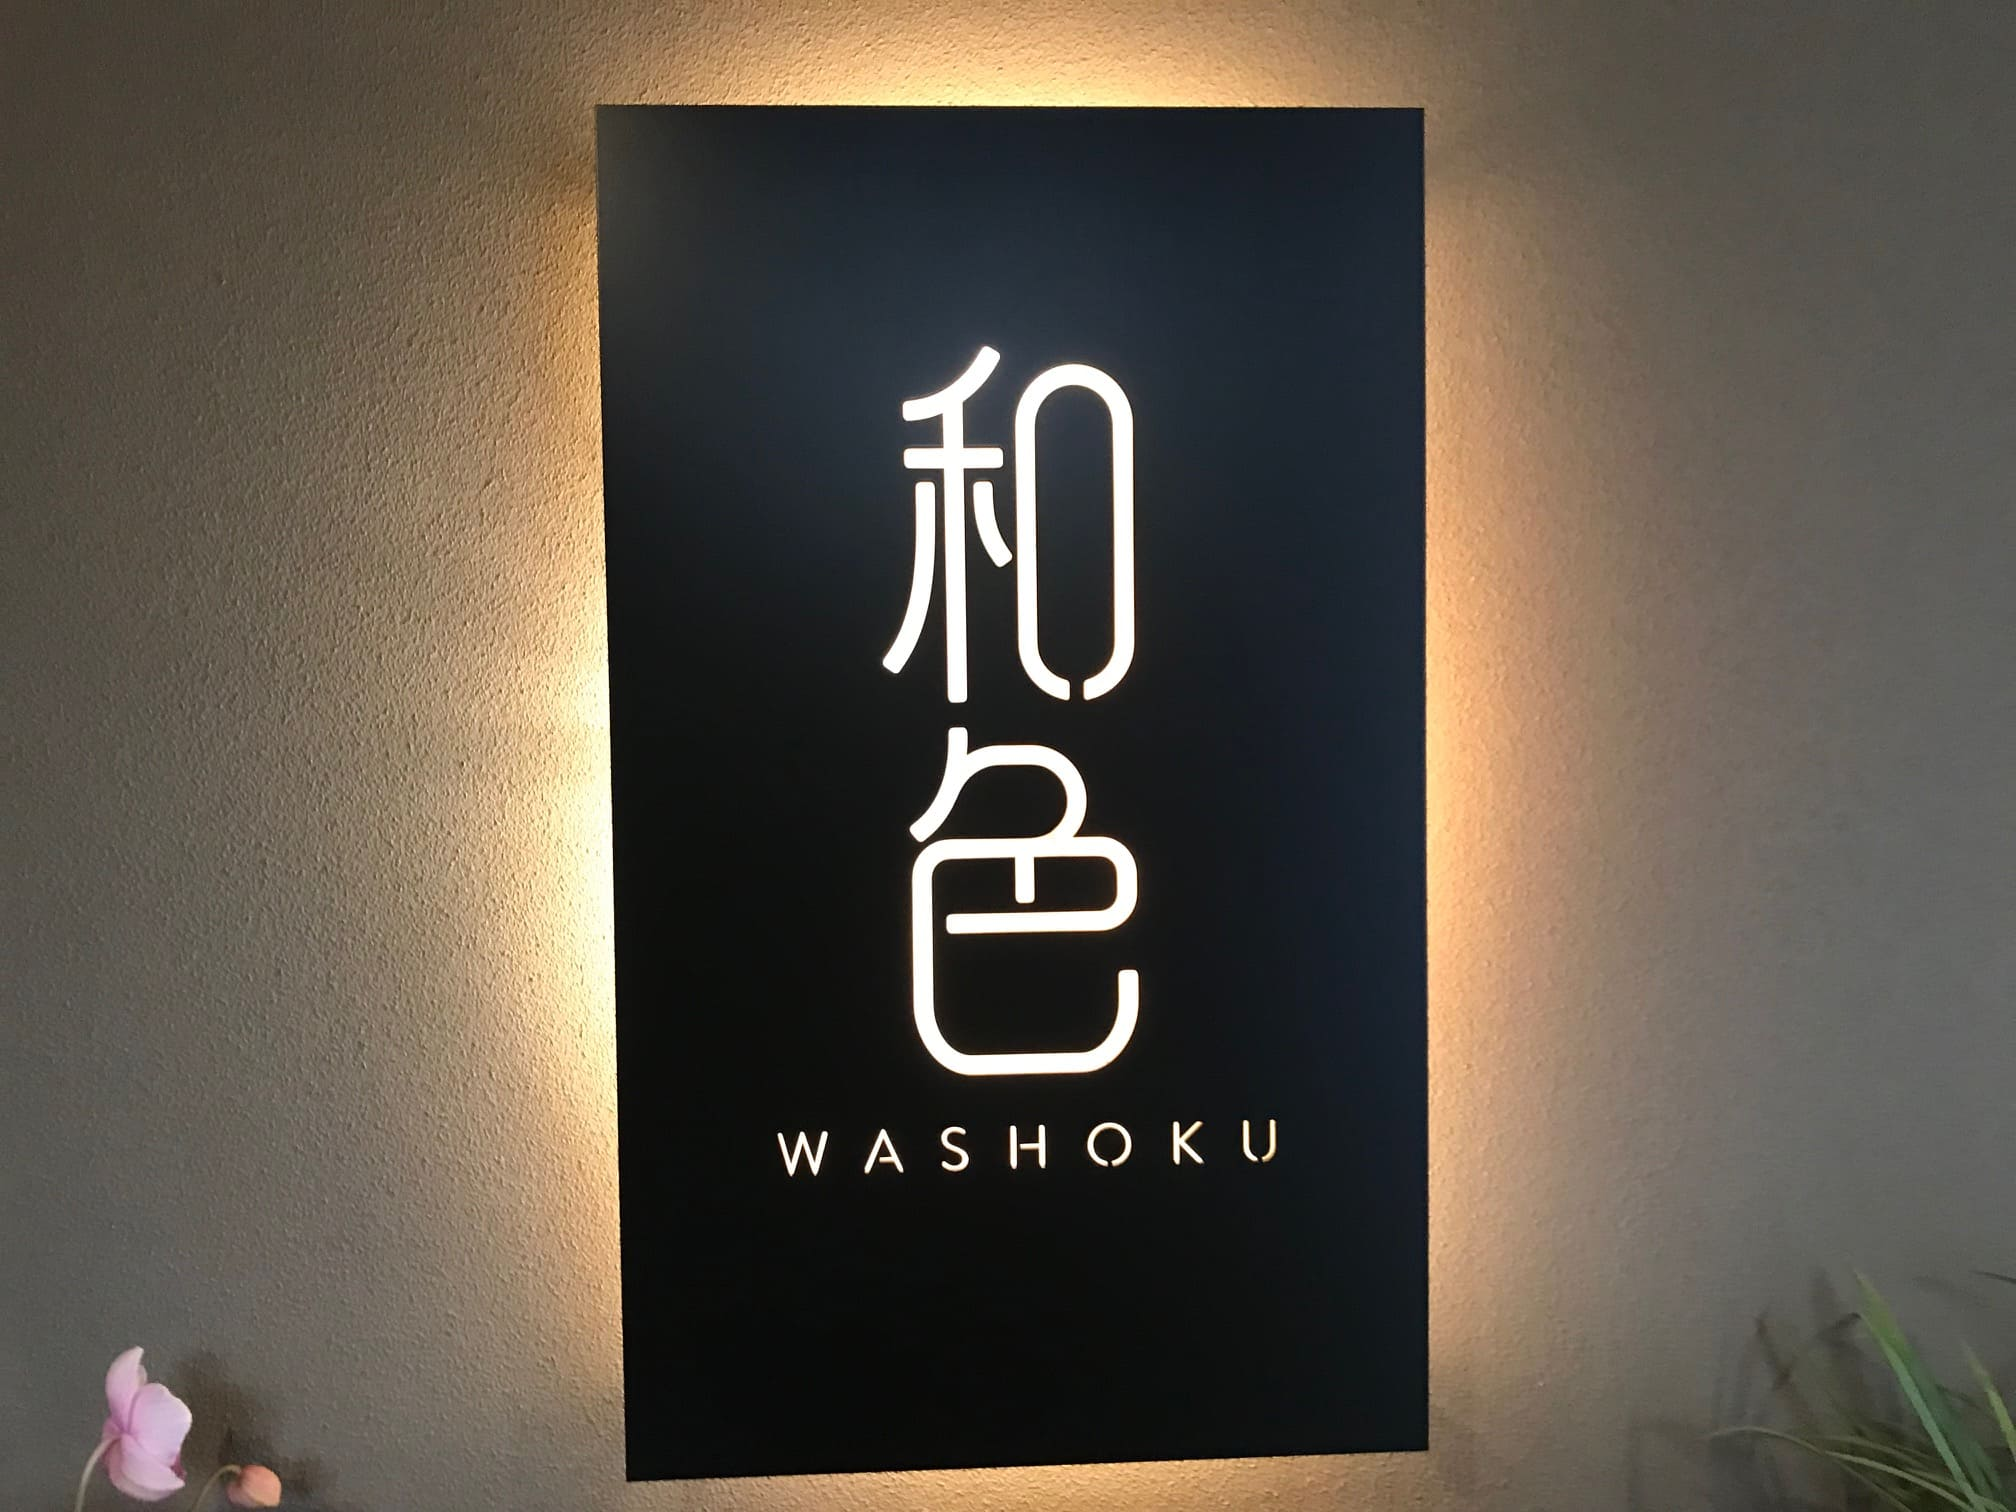 東京のおしゃれなお土産24選《2020年版》 - 東京女子旅に役立つ話題のグルメ・ホテルなどの注目スポット特集も!_26